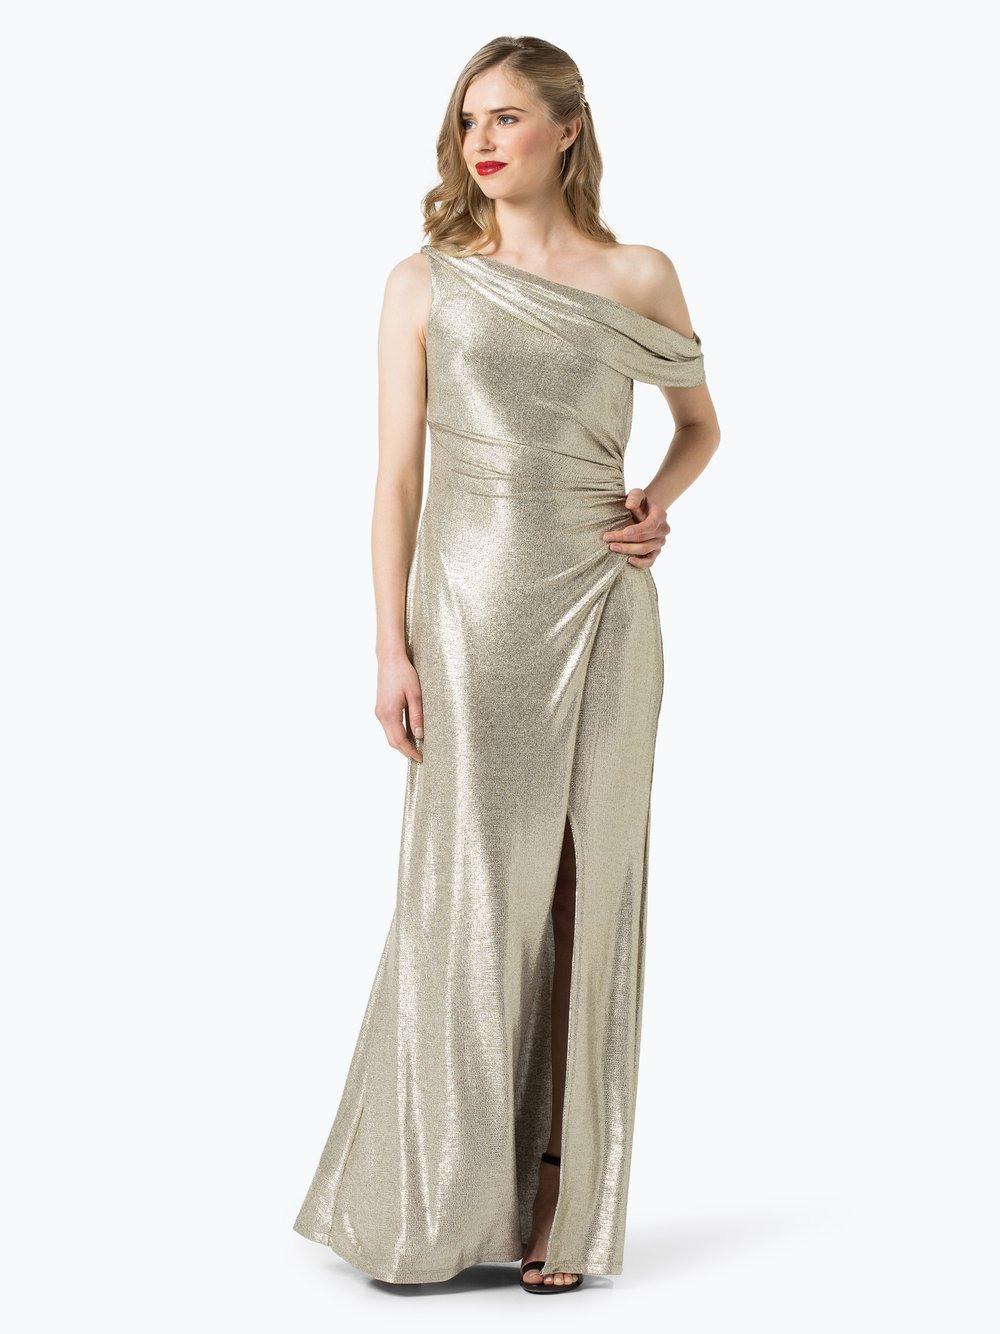 20 Luxus Abendkleid Ralph Lauren für 201910 Schön Abendkleid Ralph Lauren Spezialgebiet